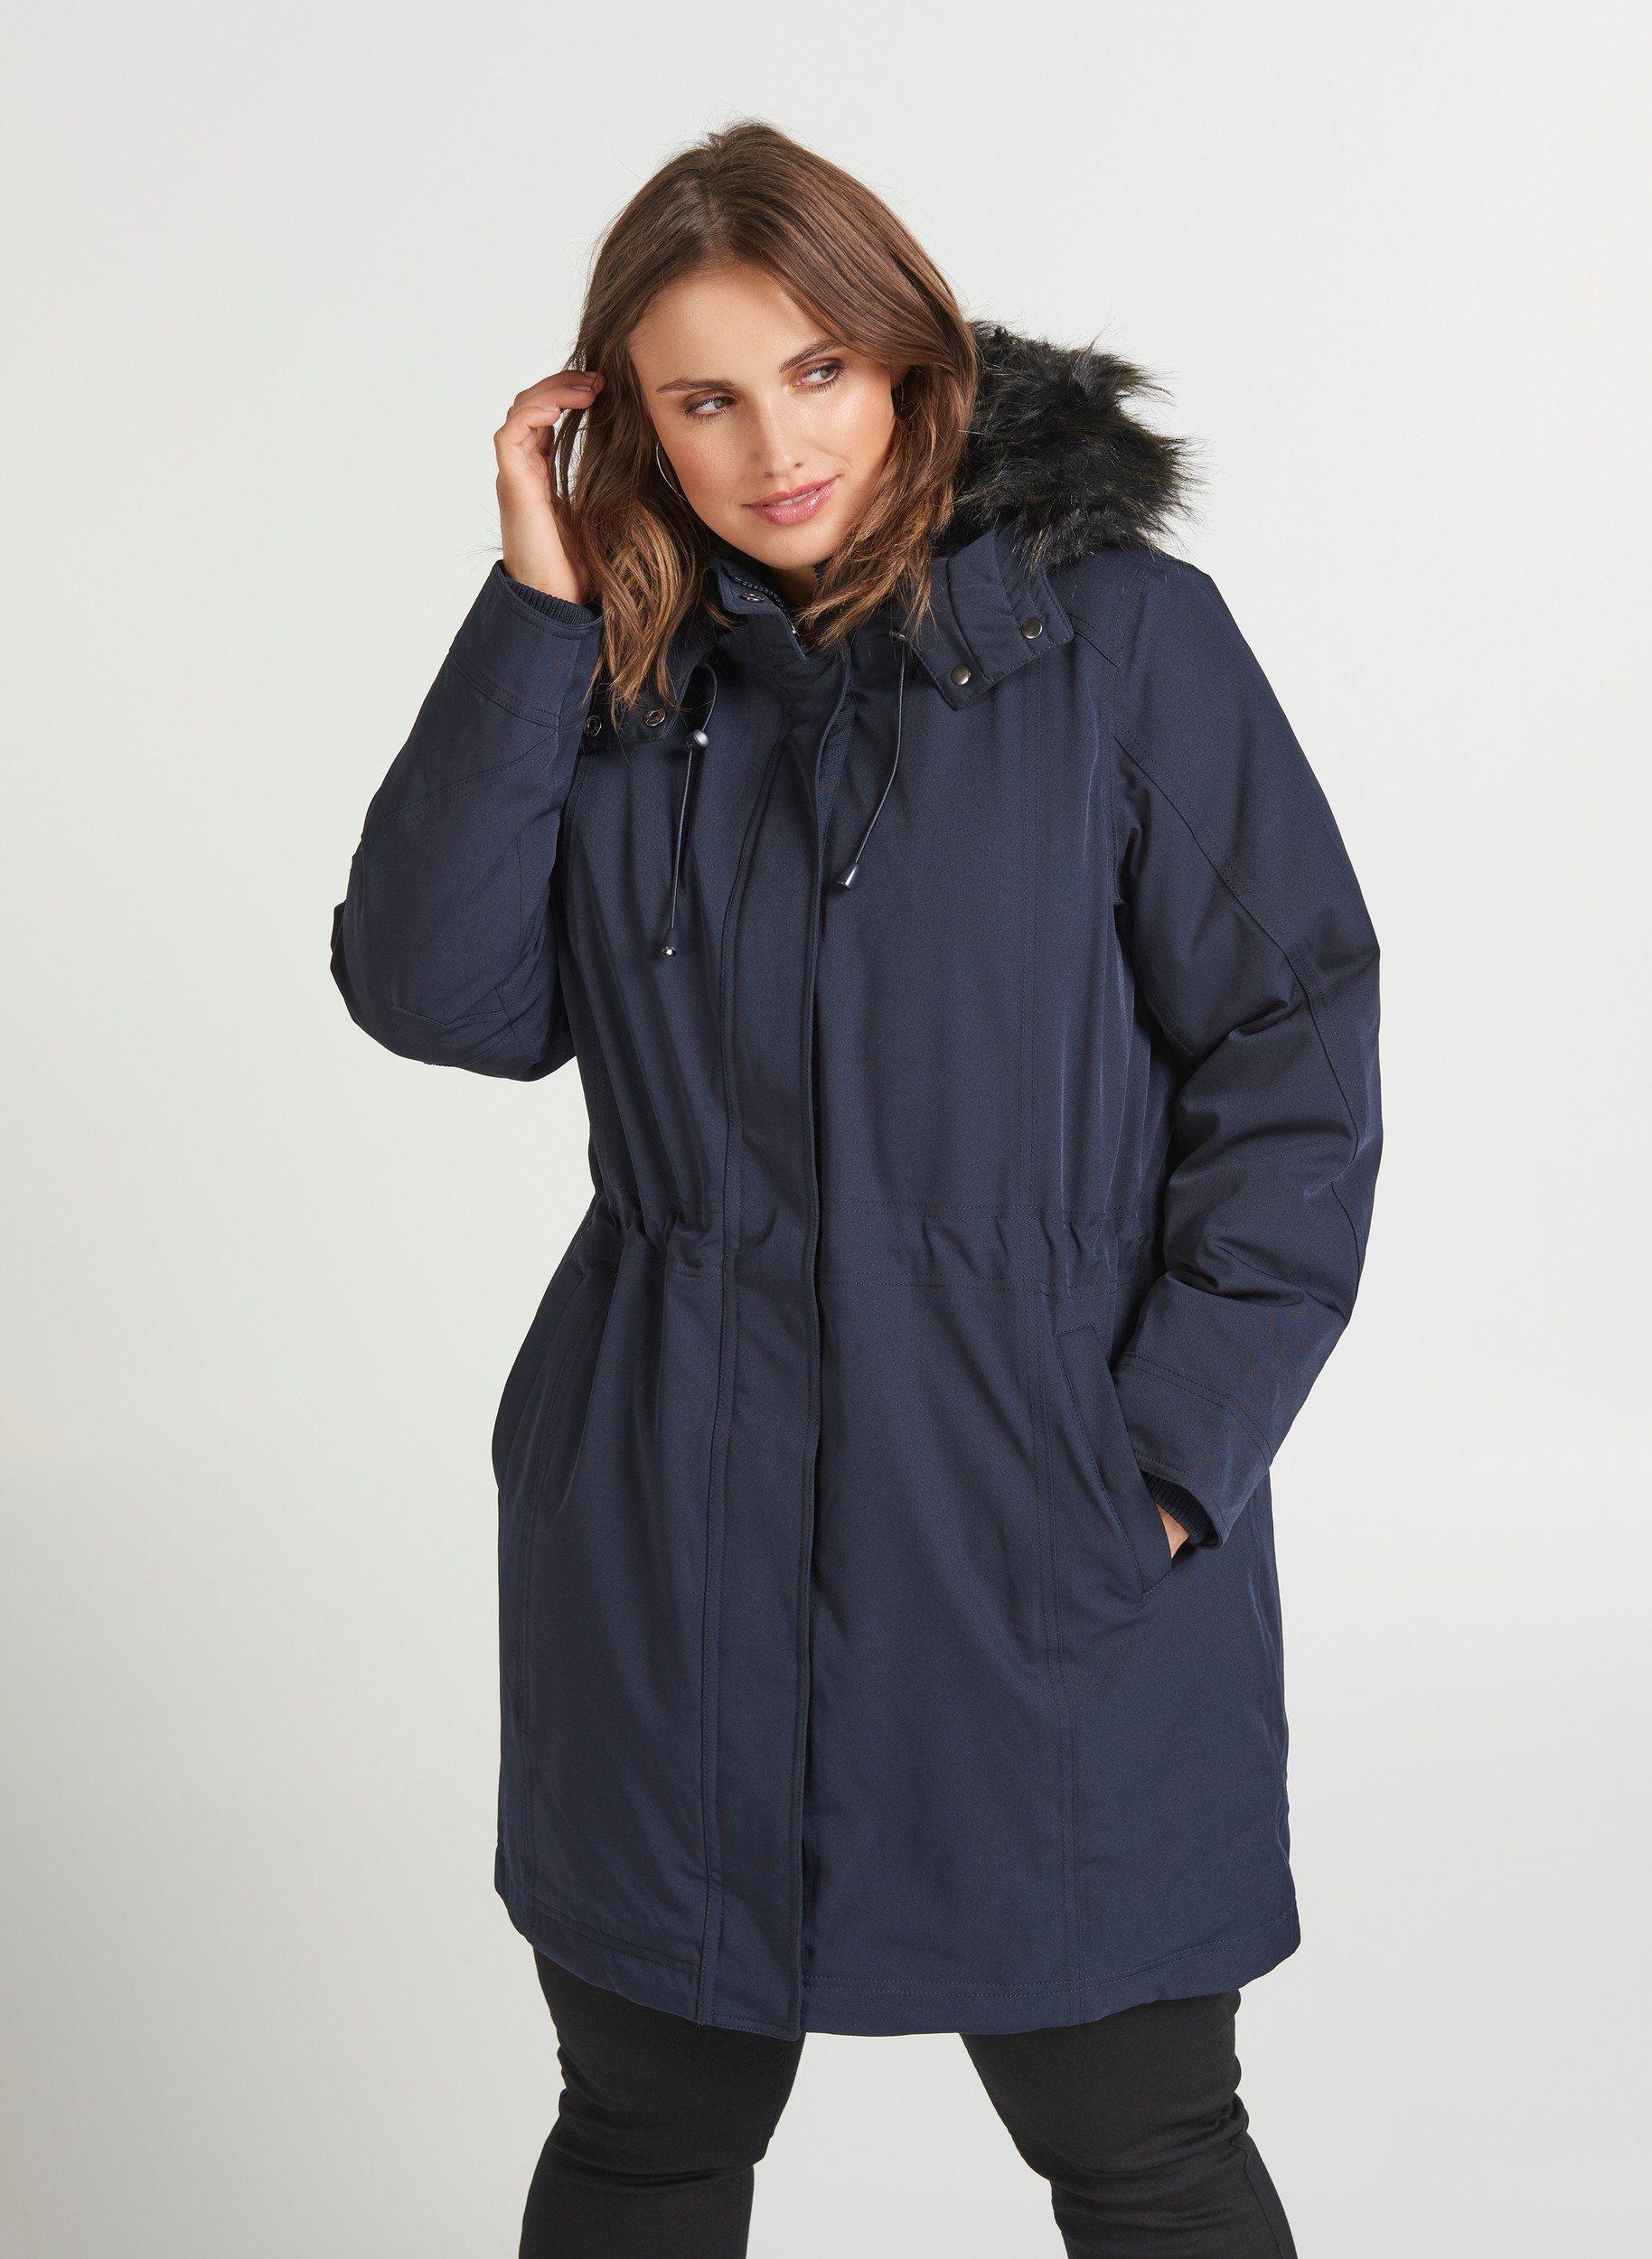 Zizzi Winterjacke Damen Große Größen Jacke Kapuze Parka Kunstfellkapuze Wintermantel online kaufen | OTTO